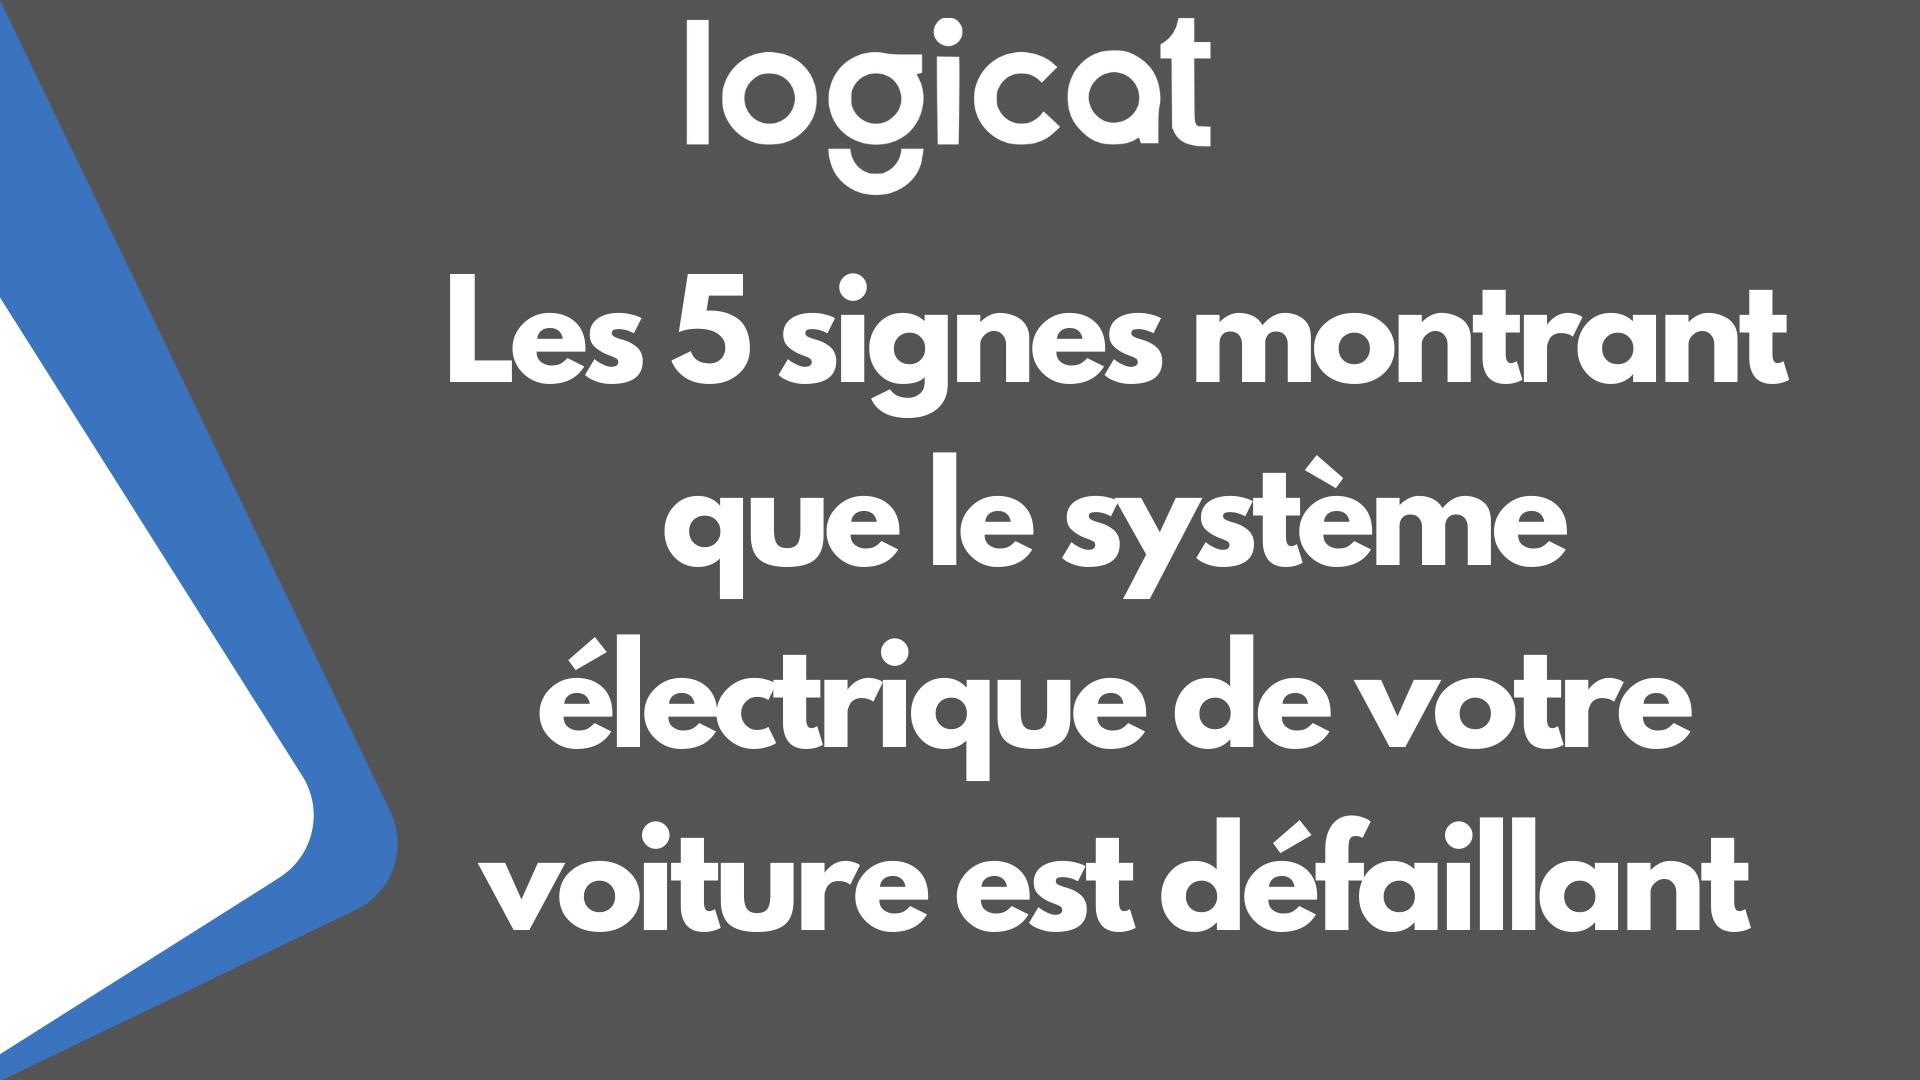 Les 5 signes montrant que le système électrique de votre voiture est défaillant